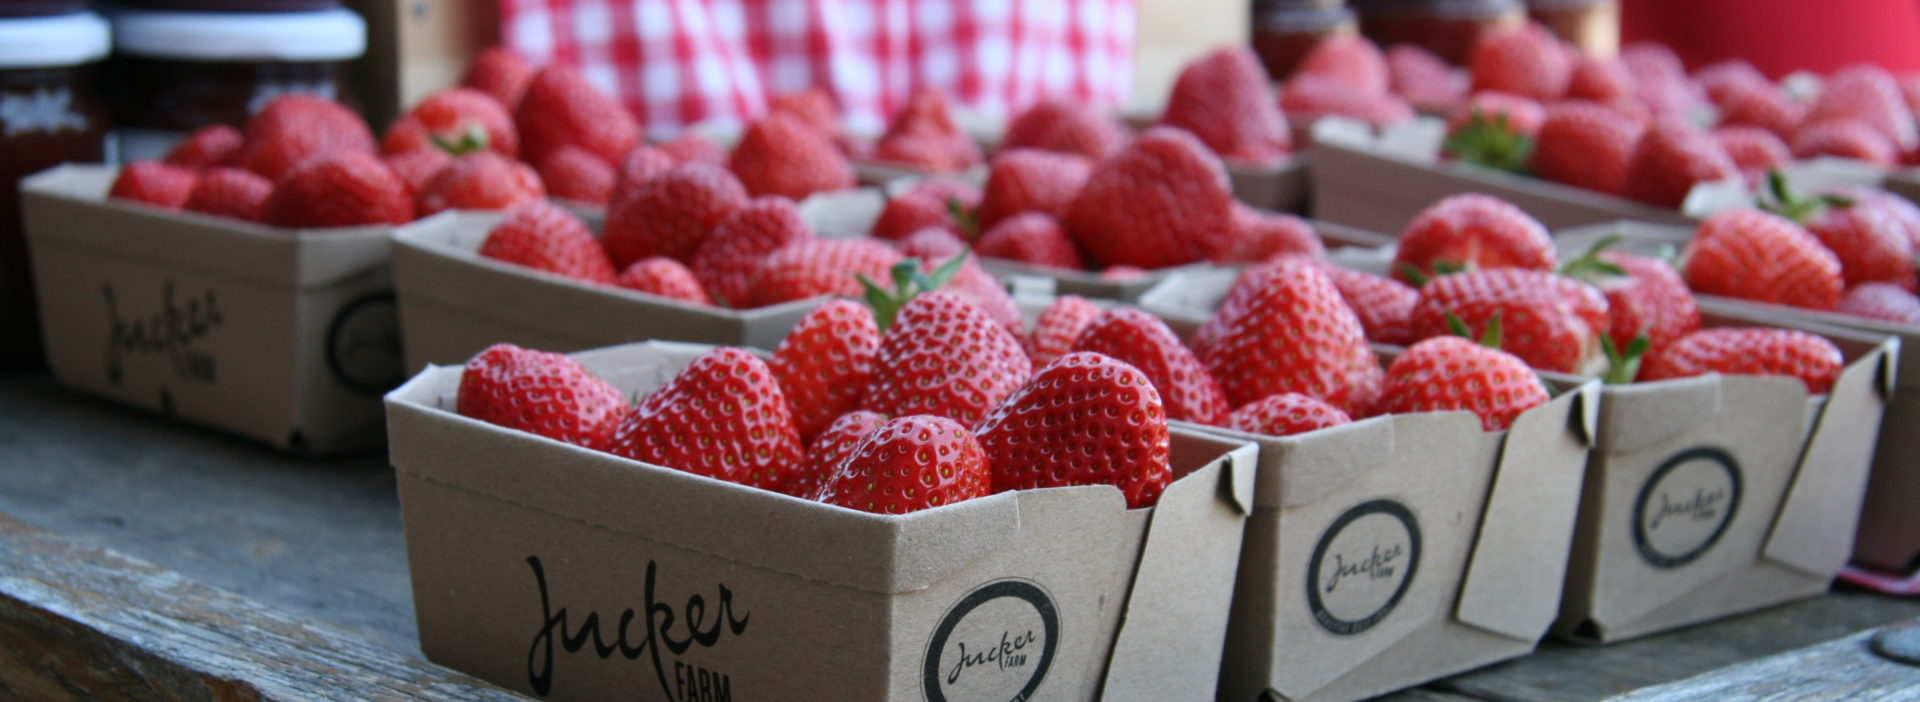 Erdbeeren Hofladen